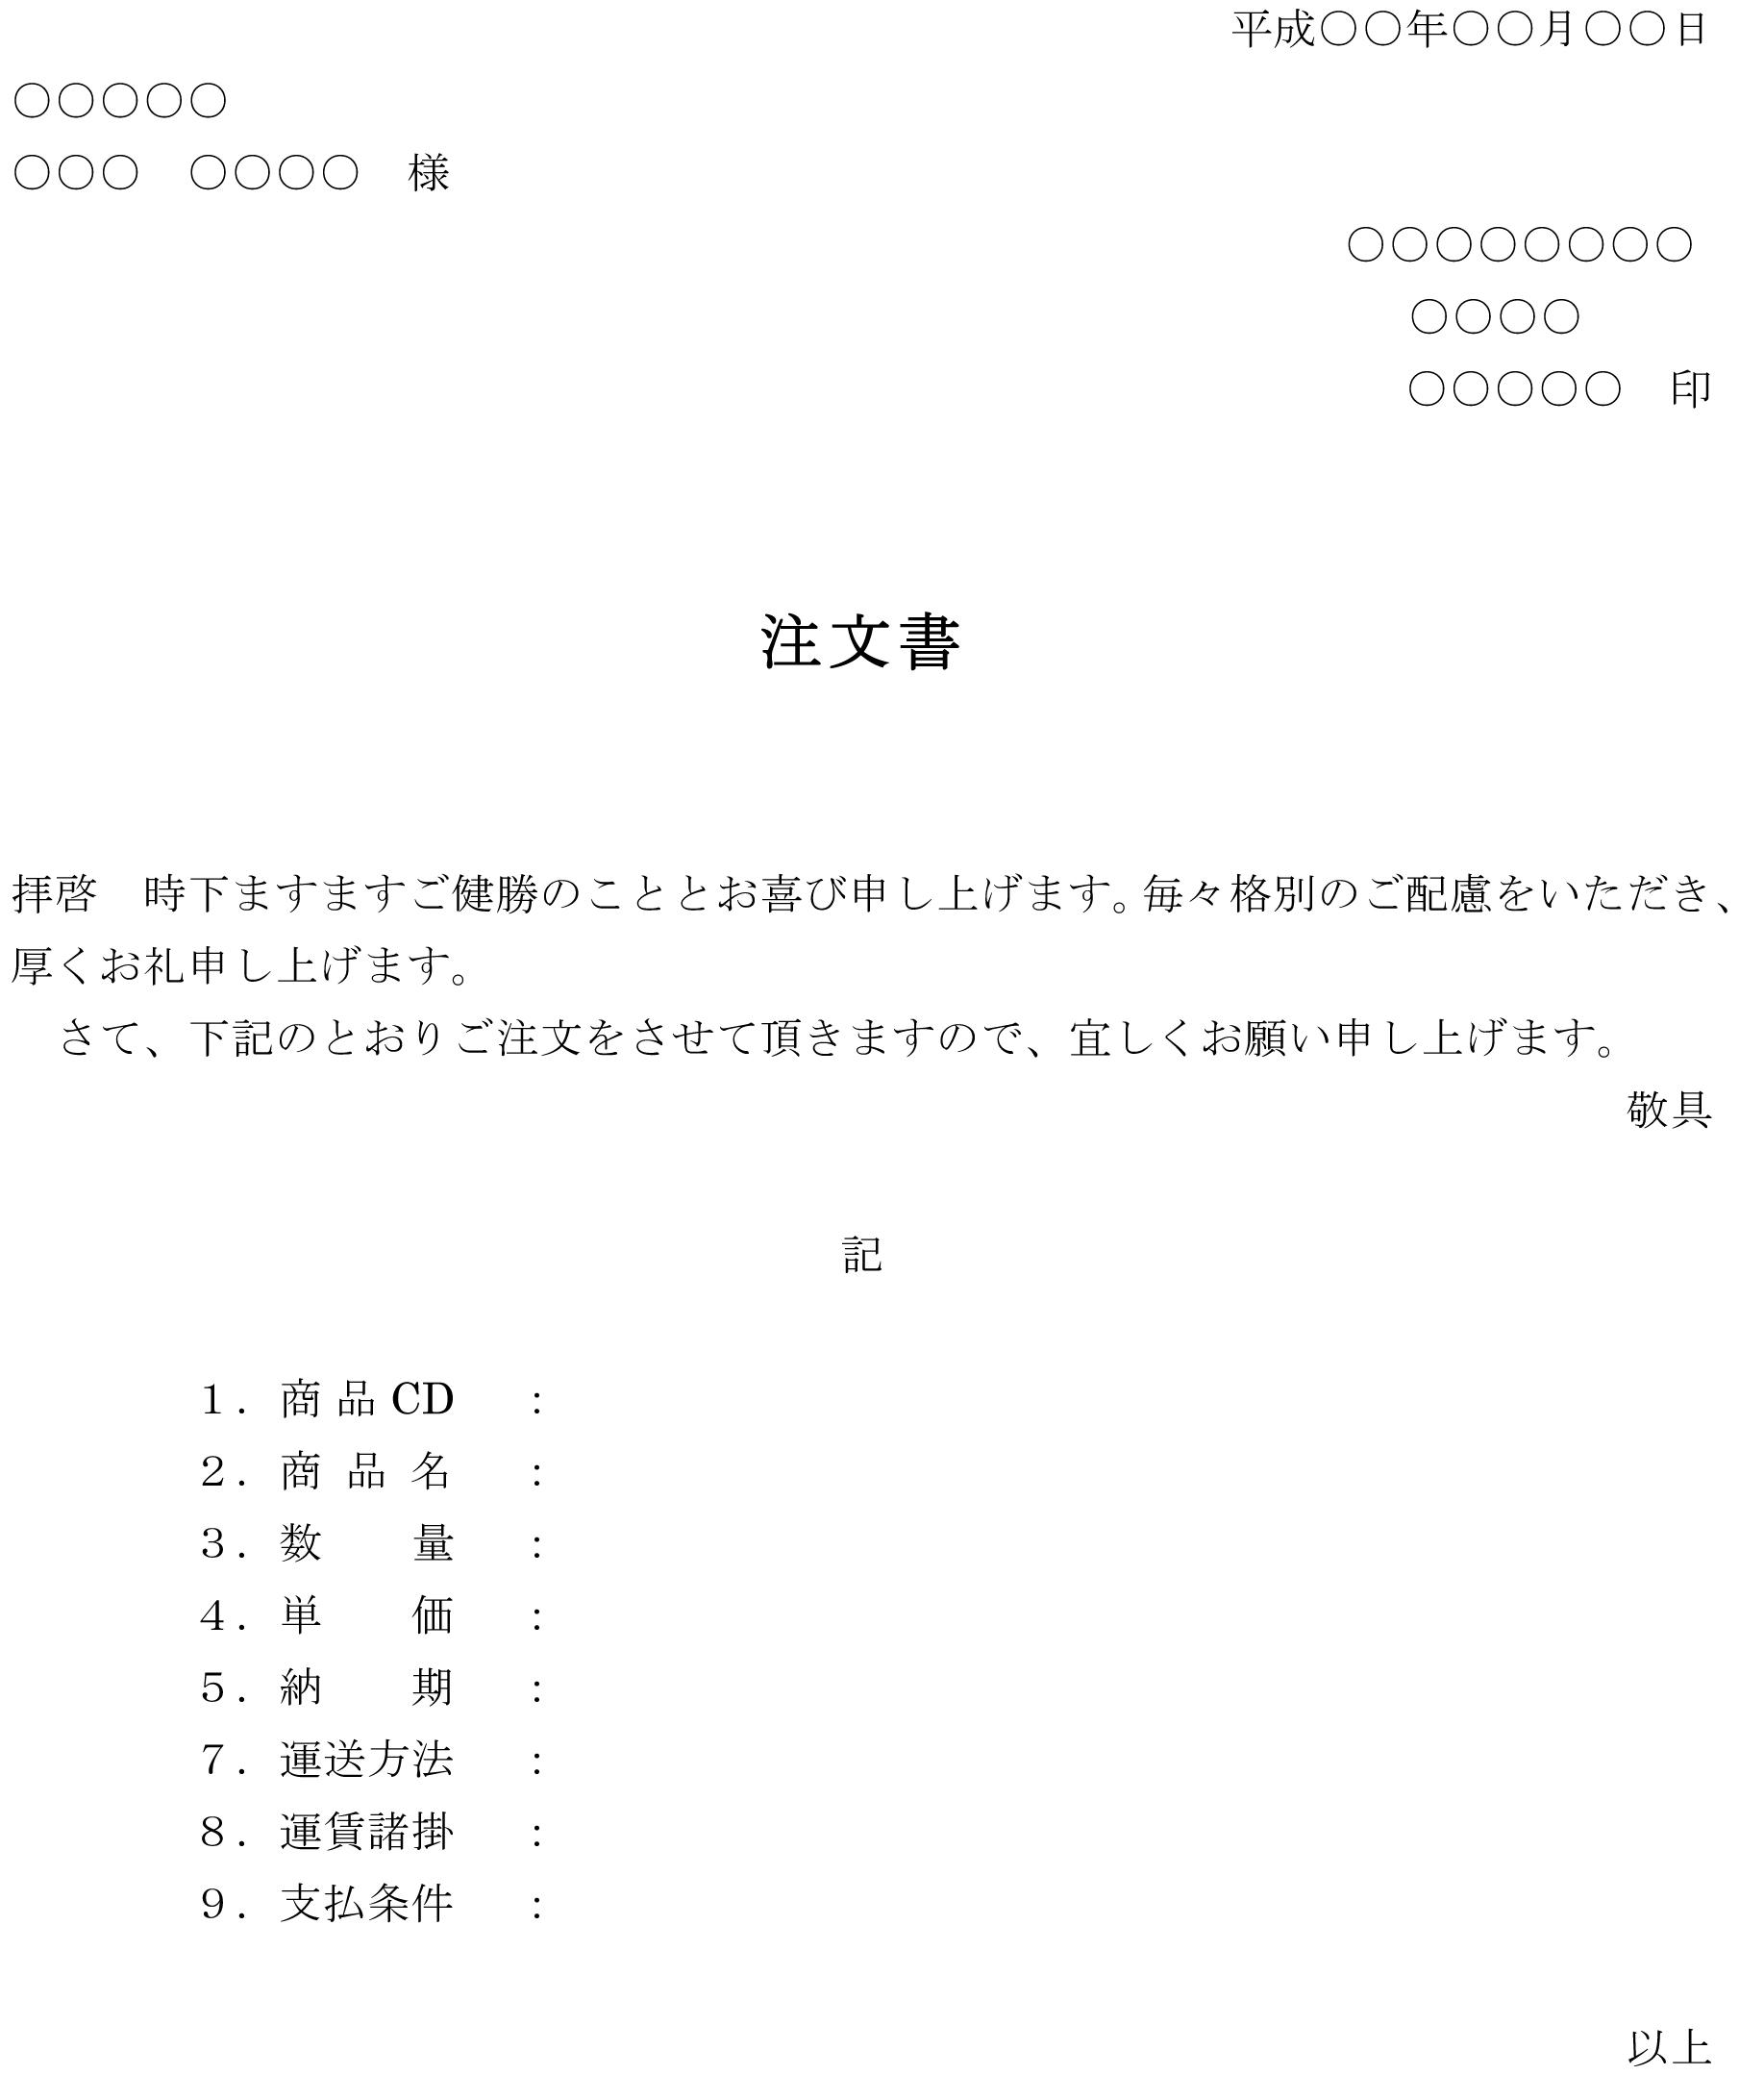 注文書02